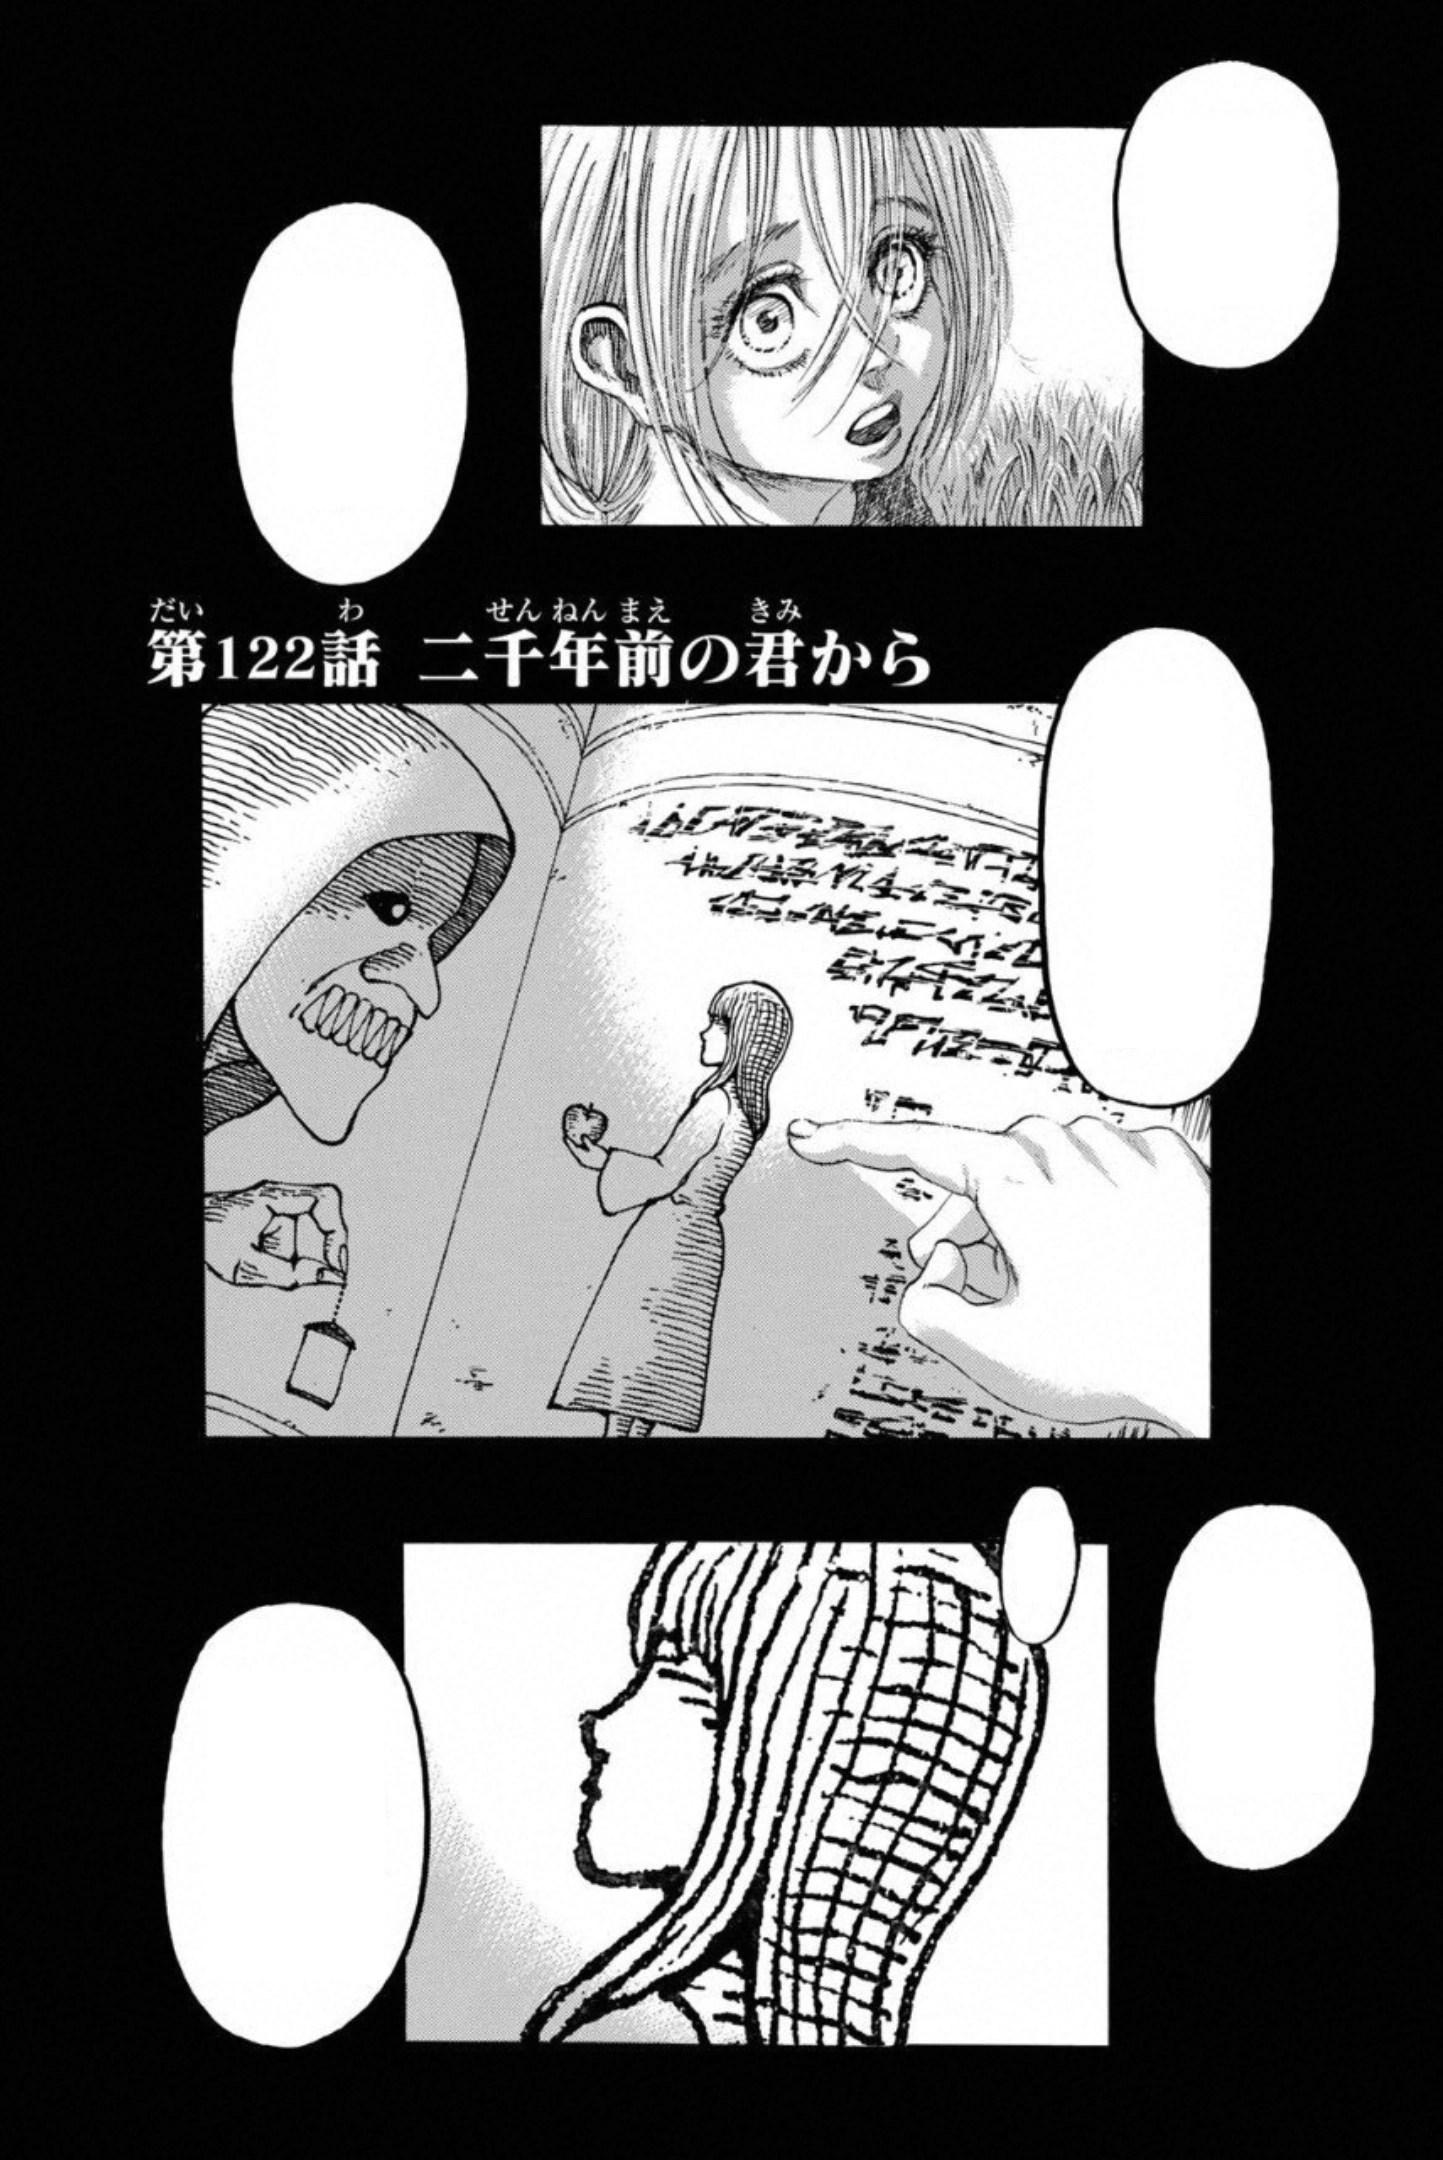 Shingeki No Kyojin 122 : shingeki, kyojin, 2,000, Years, Attack, Titan, Fandom